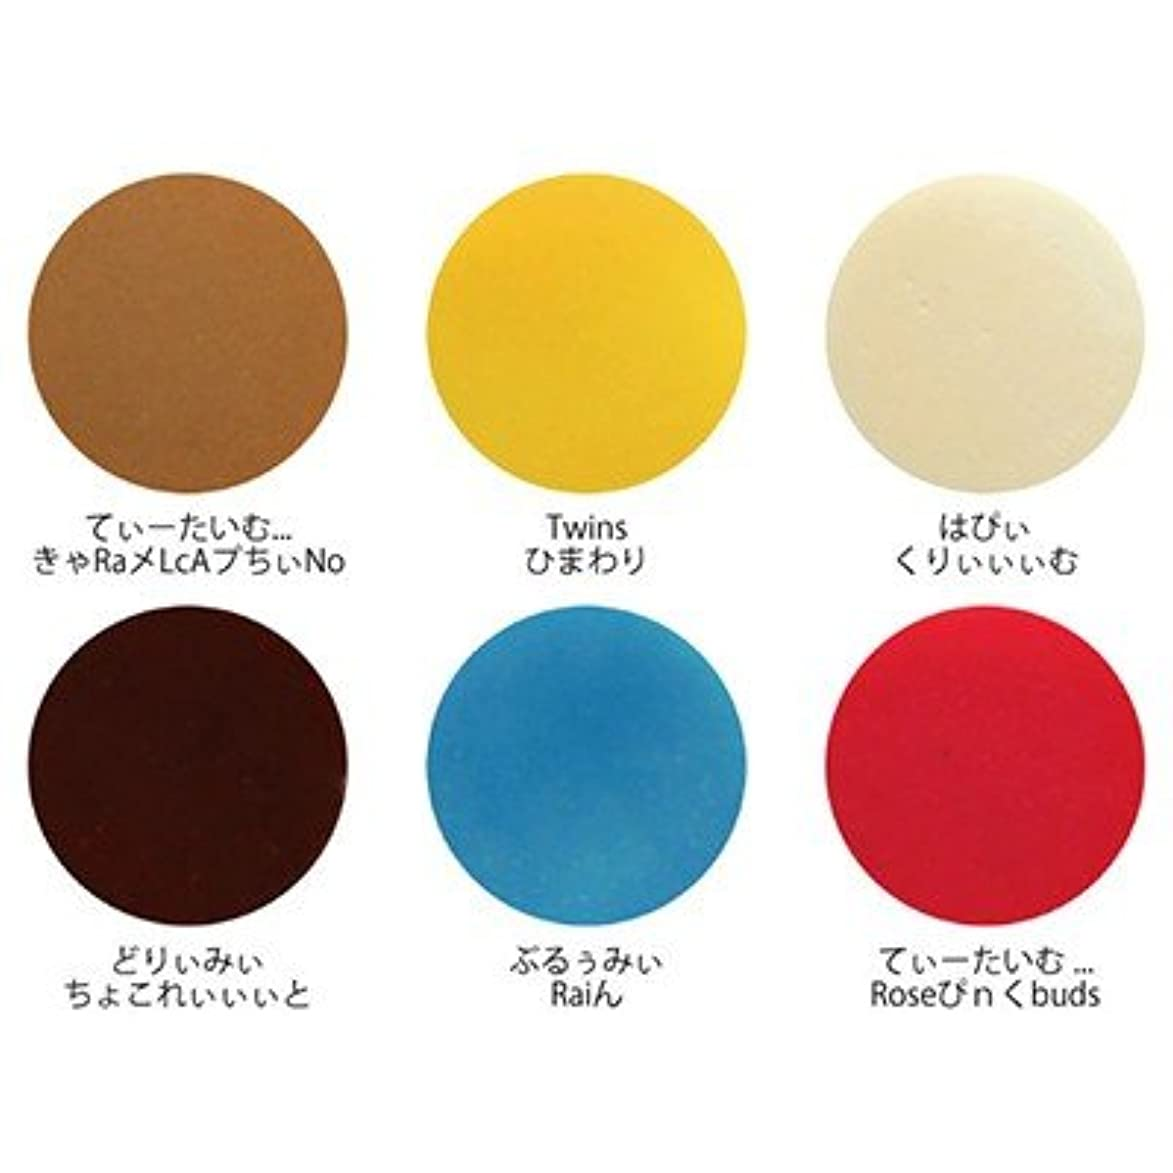 ピケモニター作物なかやまちえこ検定セット カラーパウダー